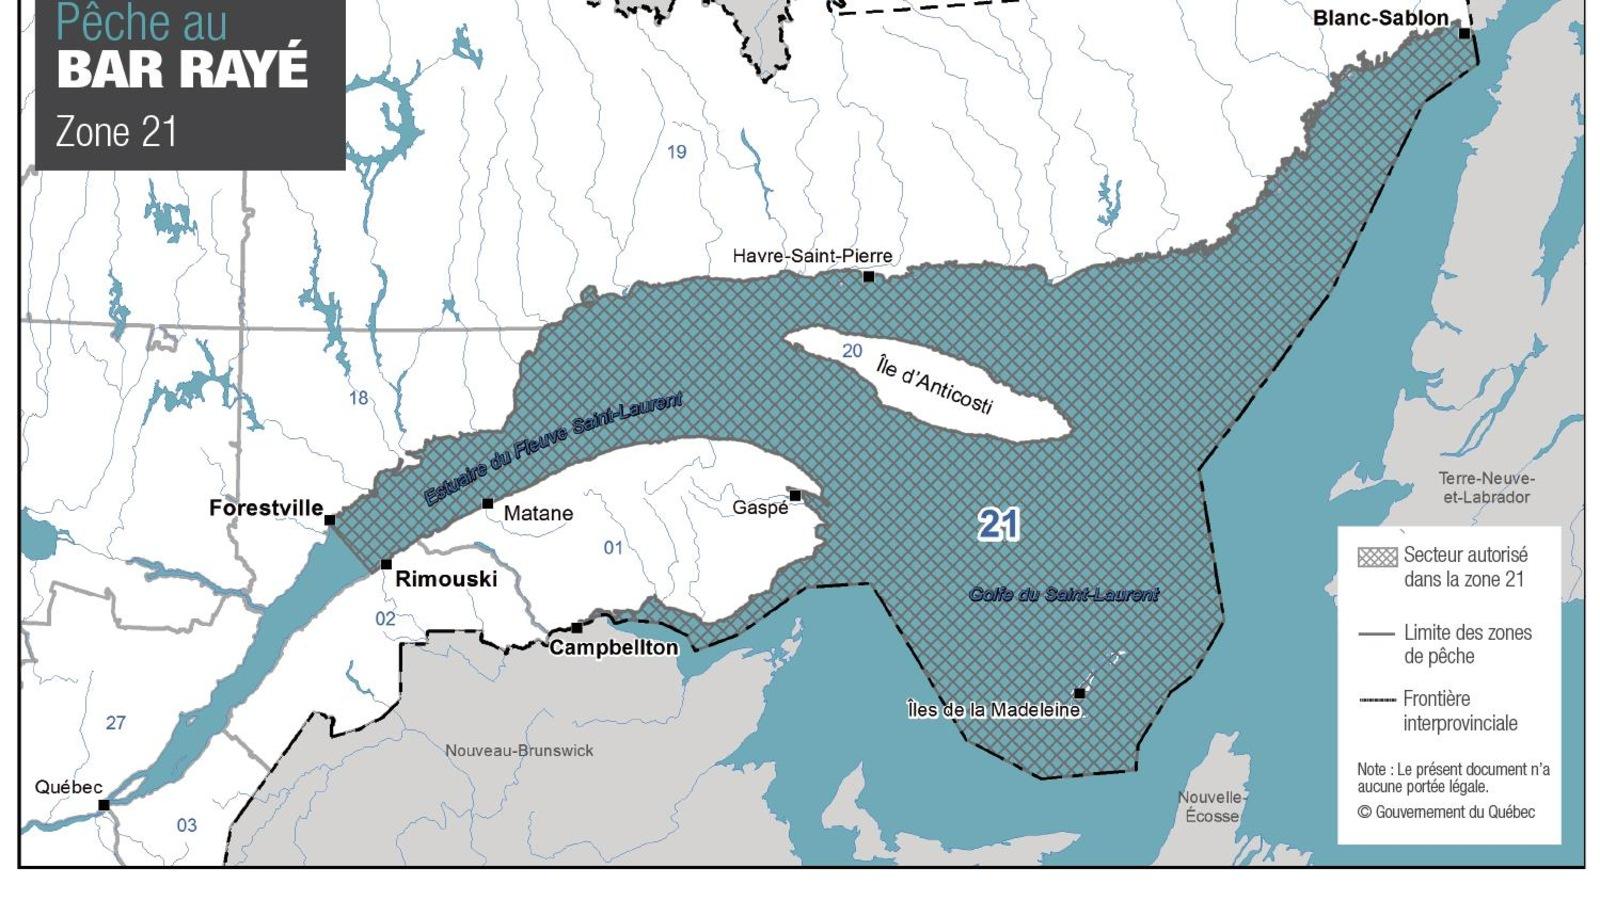 Carte géographique de l'est du Québec.